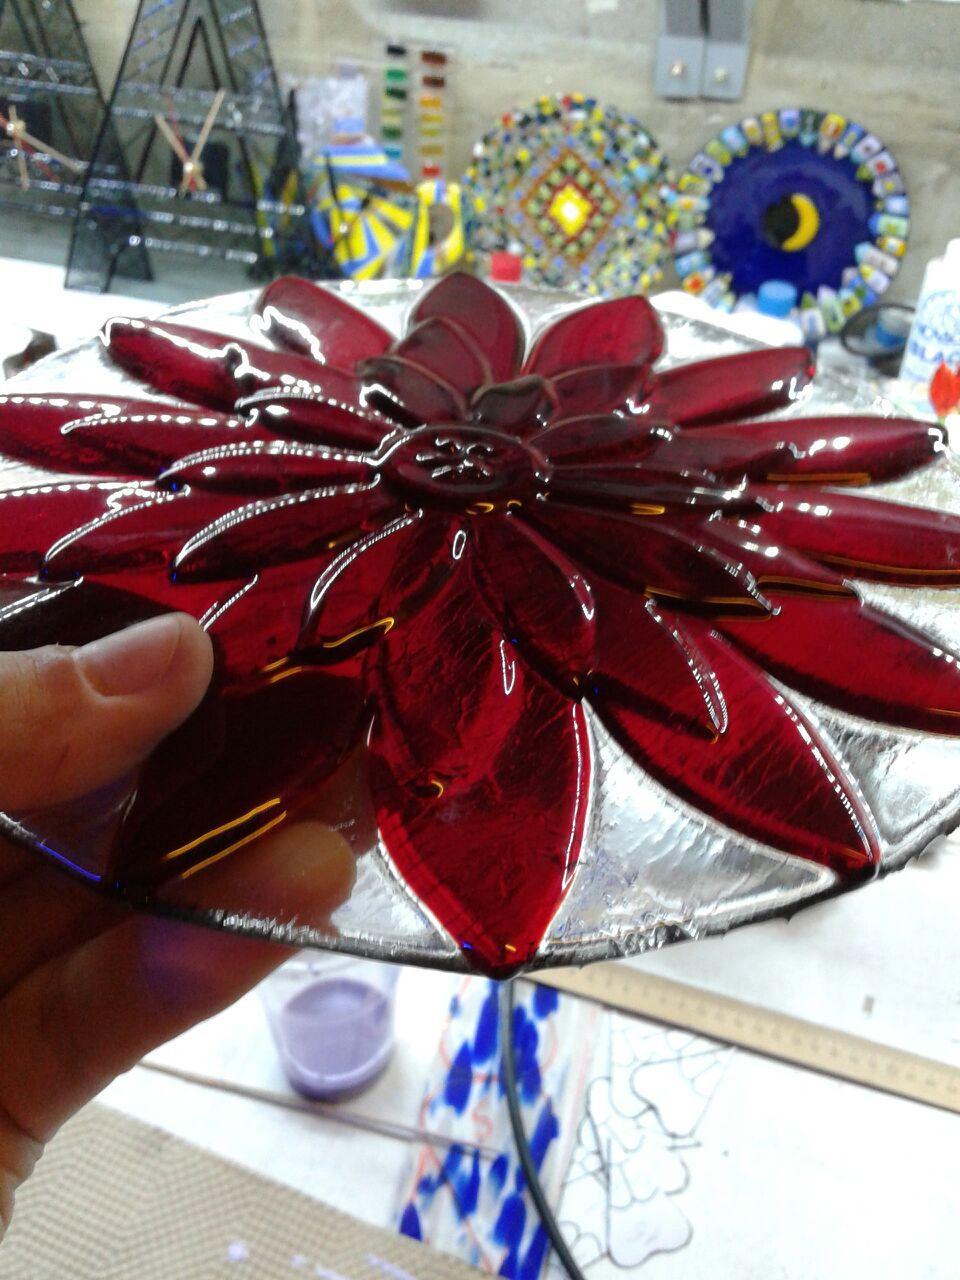 работа декор тарелка ручная посуда фьюзинг хризантема коллекция стекло